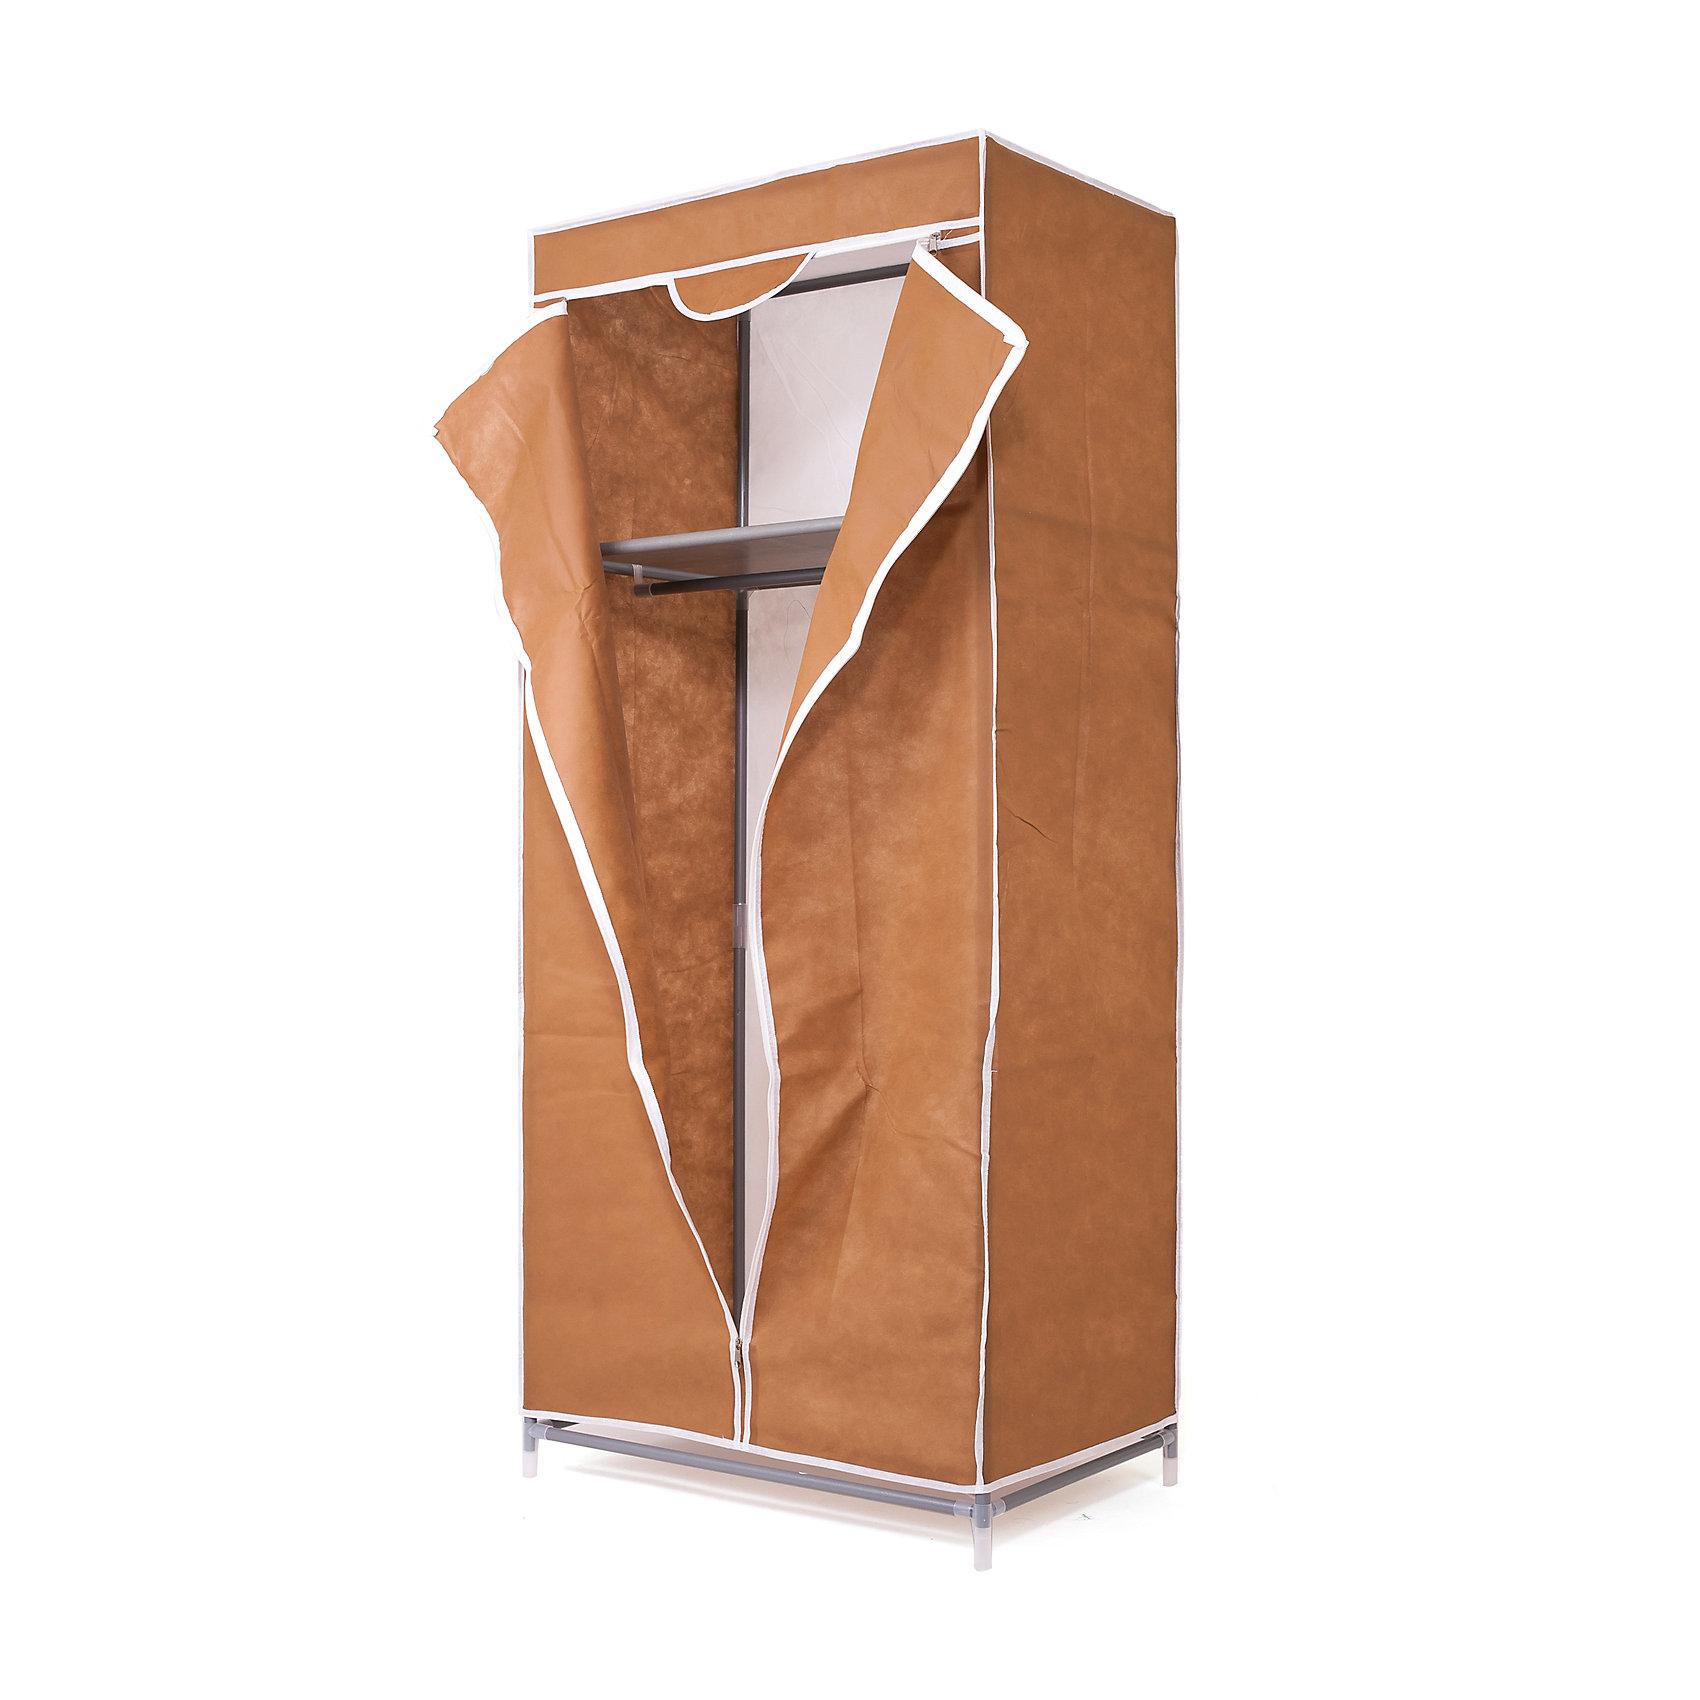 Тканевый шкаф Кармэн, Homsu. КоричневыйПорядок в детской<br>Характеристики товара:<br><br>• цвет: коричневый<br>• материал: металл, пластик, текстиль<br>• размер: 68х45х145 см<br>• вес: 3 кг<br>• застежка: молния<br>• твердый каркас<br>• вместимость: полка и перекладина для подвешивания<br>• страна бренда: Россия<br>• страна изготовитель: Китай<br><br>Тканевый шкаф Кармэн, Homsu (Хомсу) - очень удобная вещь для хранения вещей и эргономичной организации пространства.<br><br>Он состоит из двух отделений, материал помогает защитить вещи от пыли и влаги.<br><br>Тканевый шкаф Кармэн, Homsu можно купить в нашем интернет-магазине.<br><br>Ширина мм: 650<br>Глубина мм: 260<br>Высота мм: 70<br>Вес г: 3000<br>Возраст от месяцев: 216<br>Возраст до месяцев: 1188<br>Пол: Унисекс<br>Возраст: Детский<br>SKU: 5620247